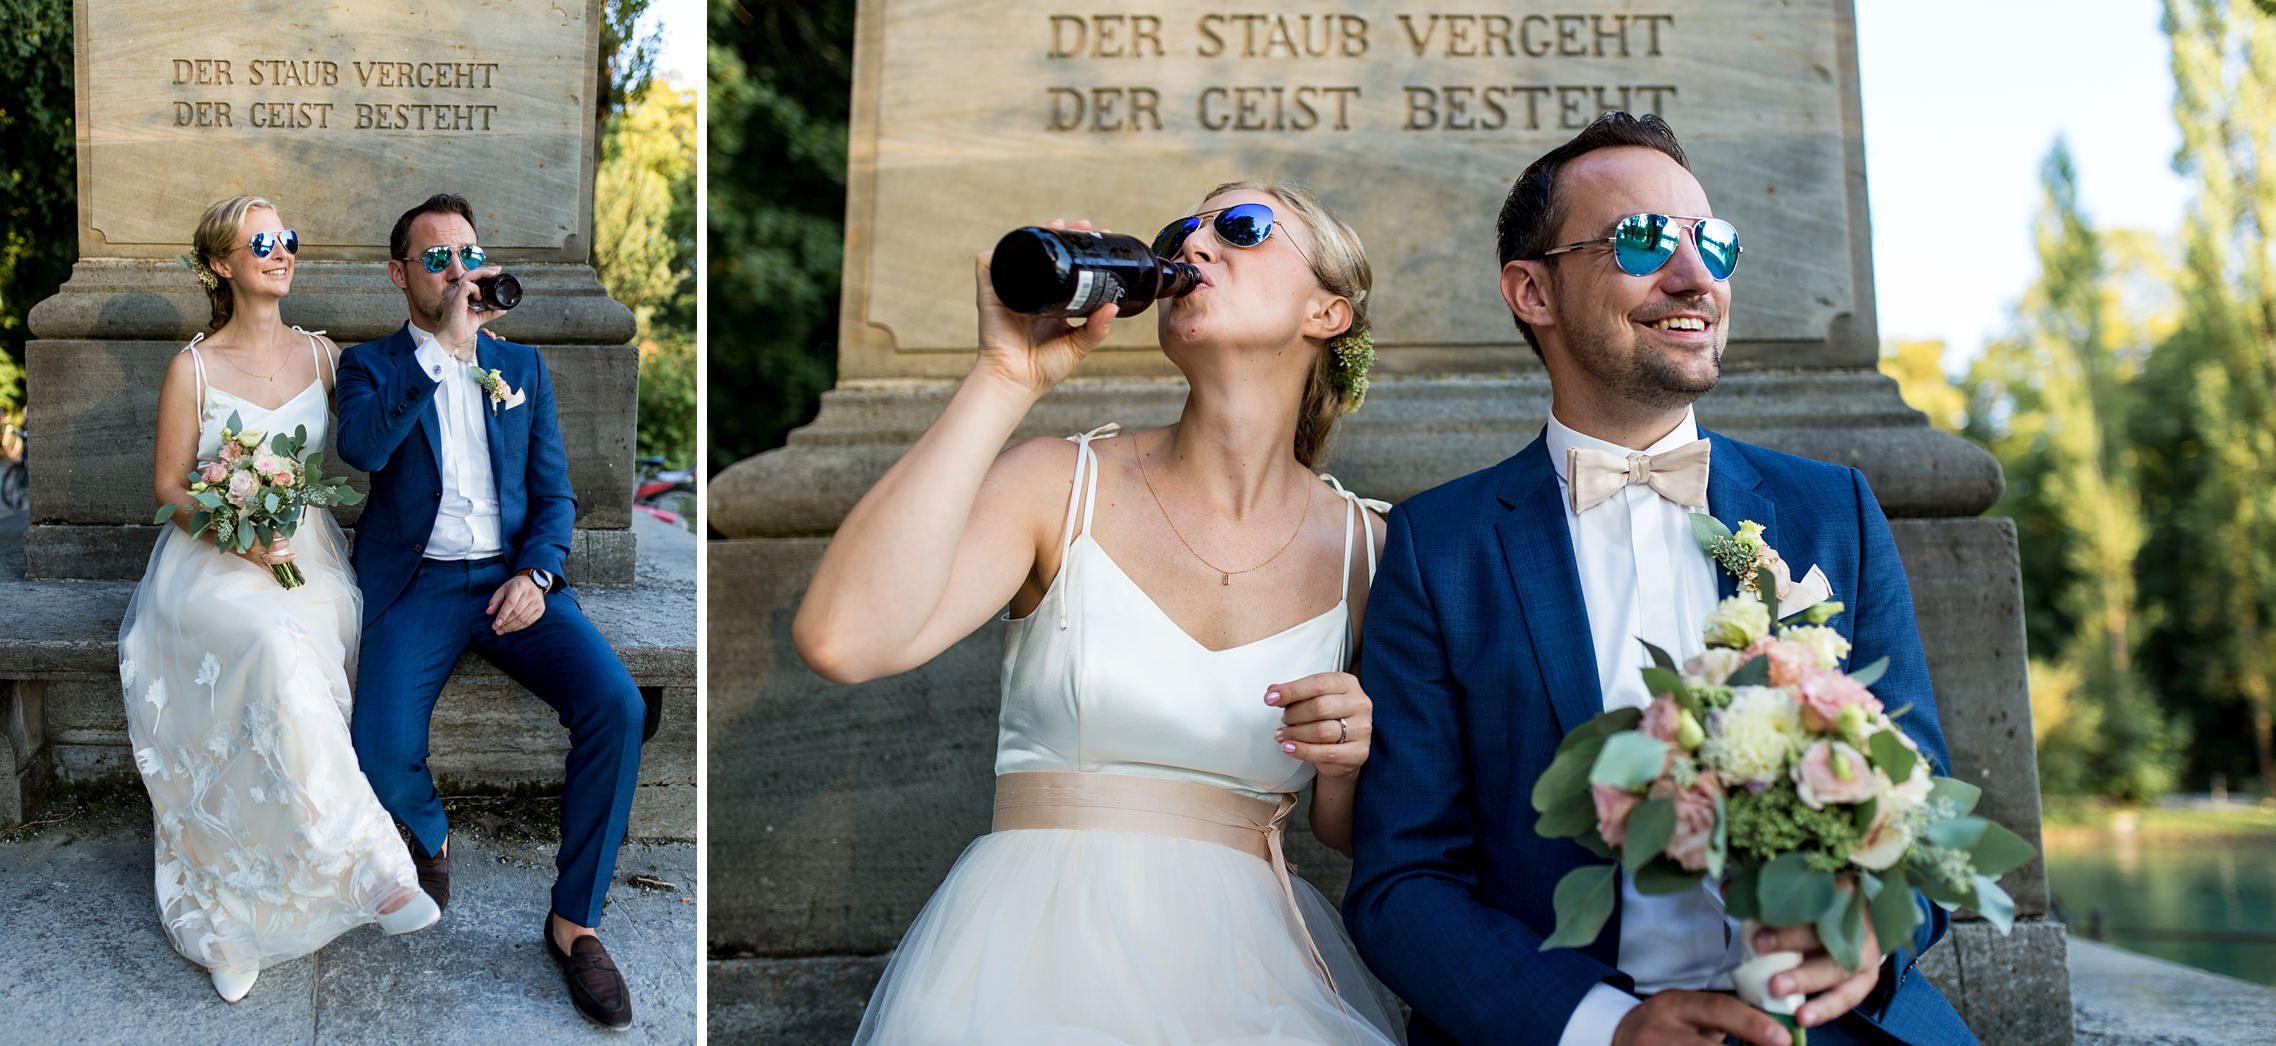 Lustiges Brautpaar mit Sonnenbrillen und Bier beim Hochzeits-Shooting